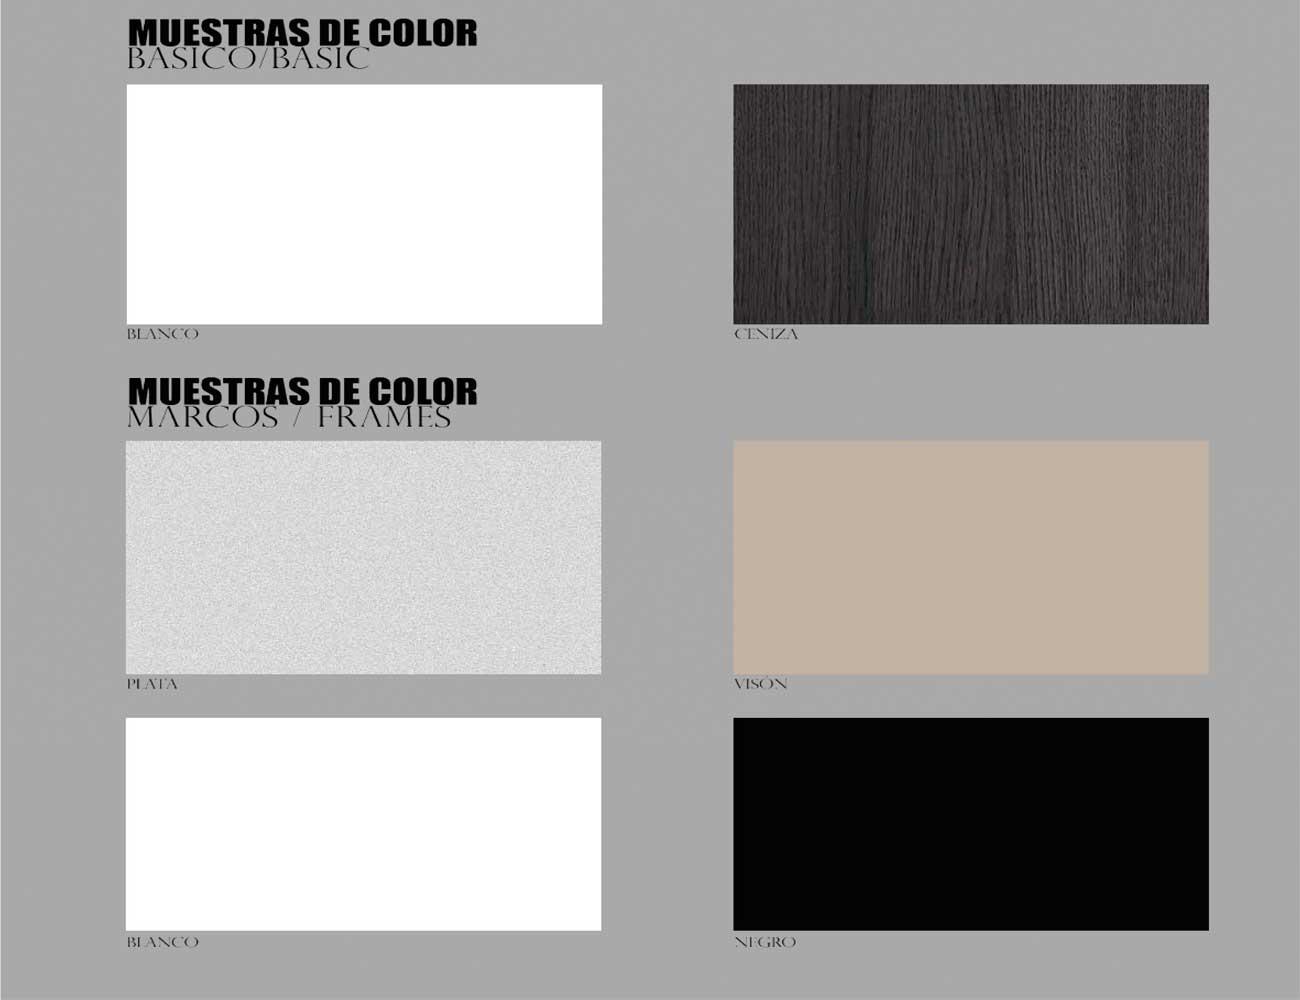 Colores tecnico12